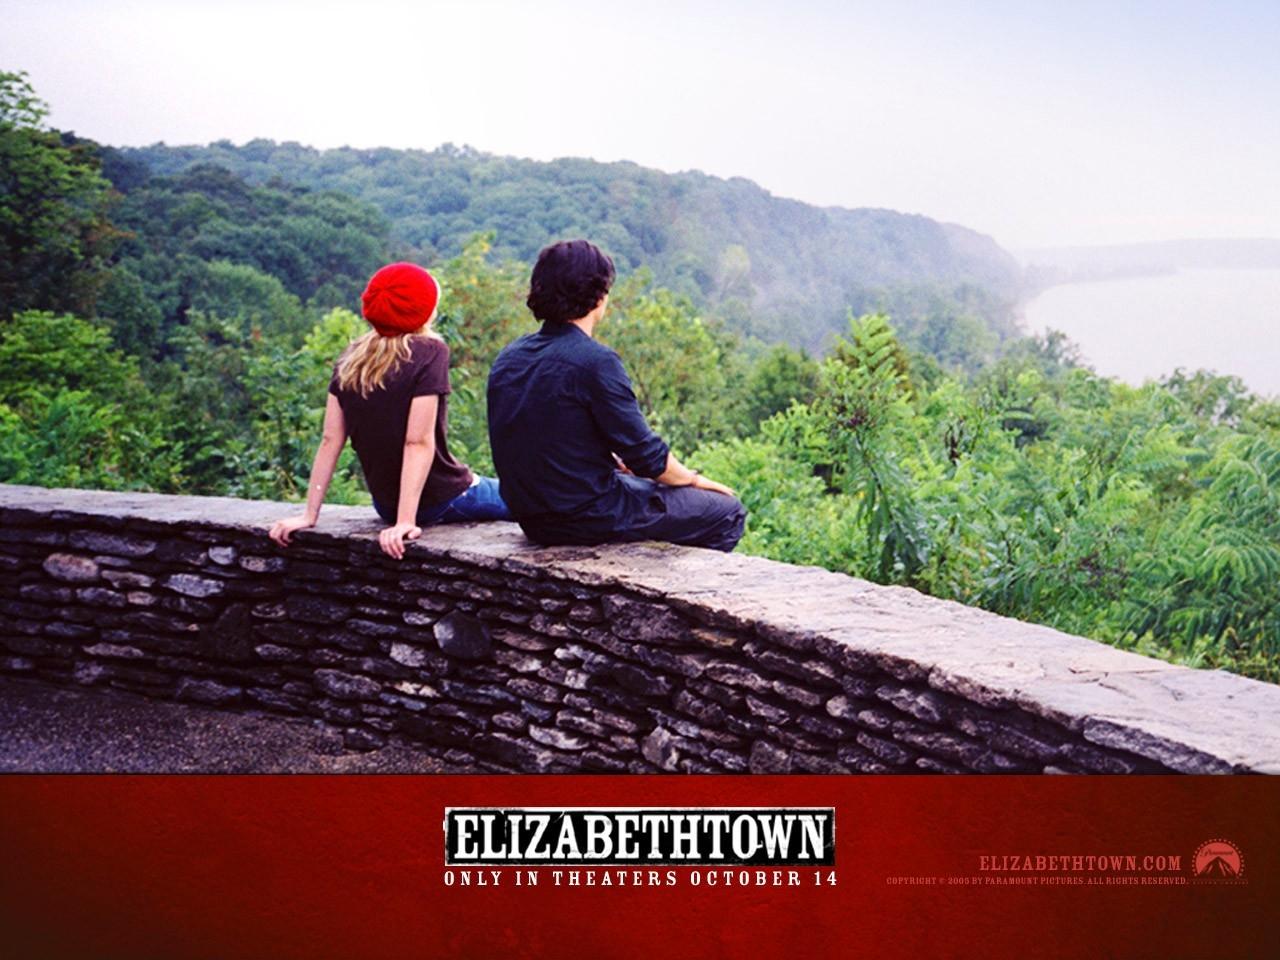 Wallpaper del film Elizabethtown